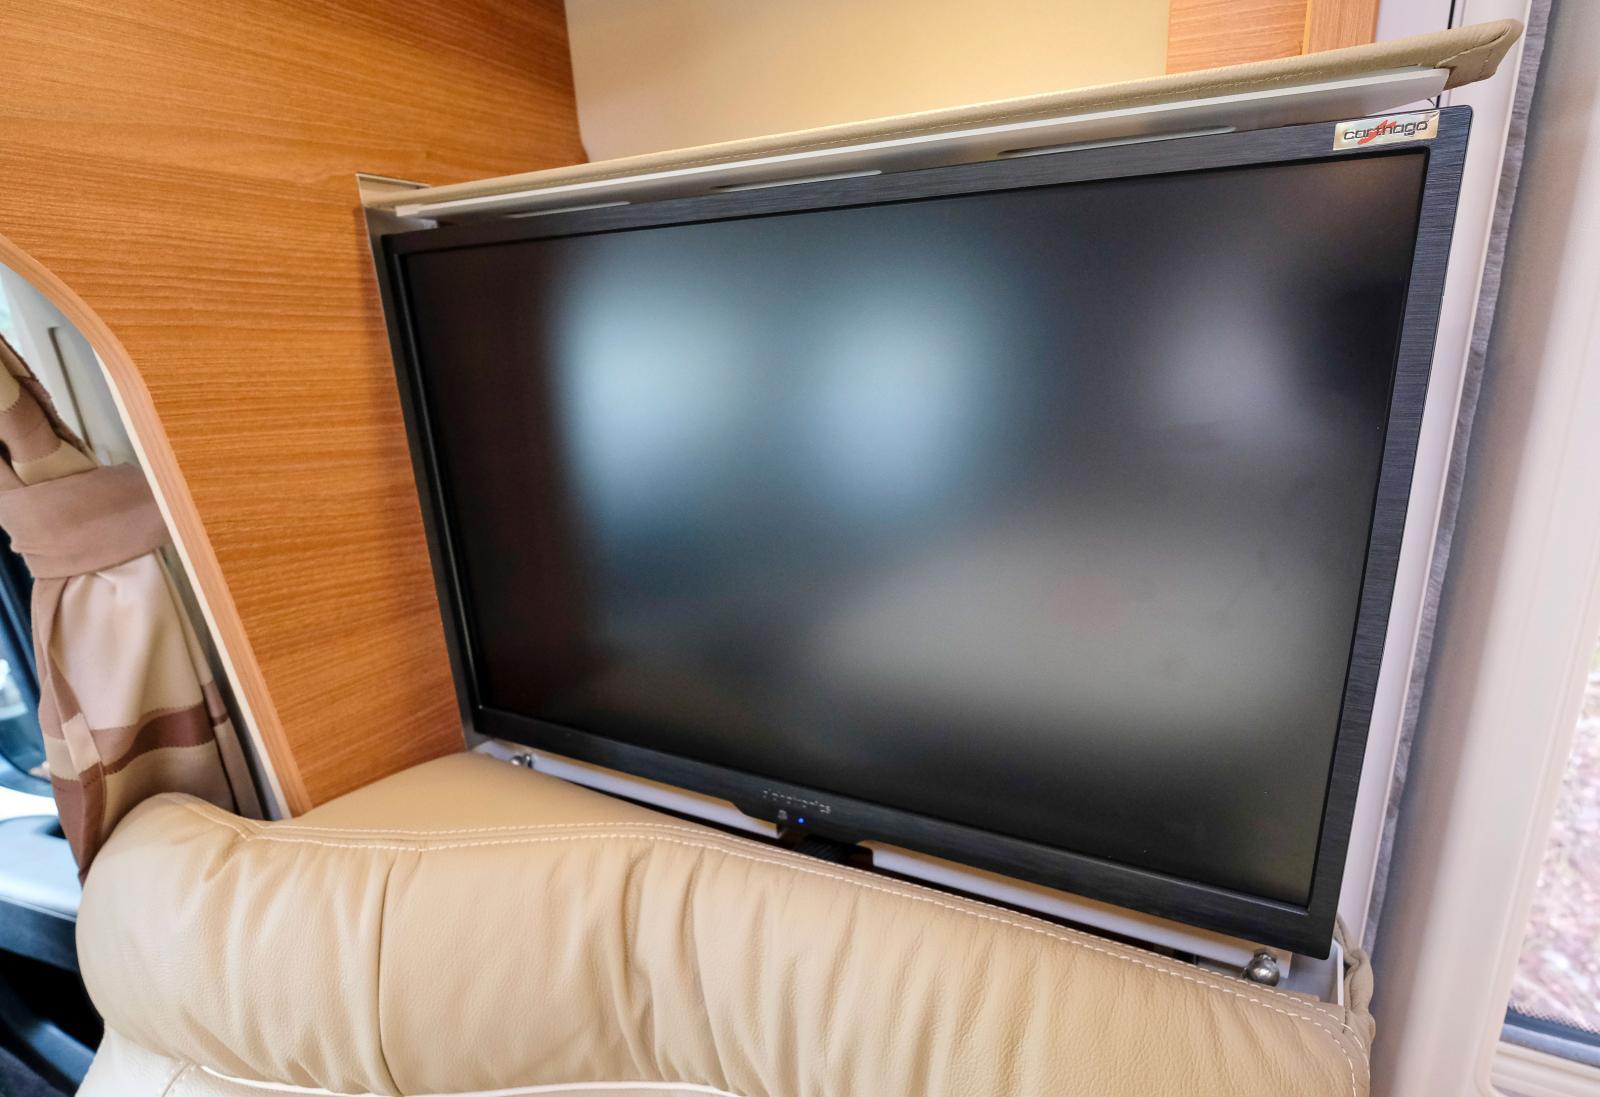 Plats för en till i sovrummet. Tv finns i sidosoffan vid dörren.